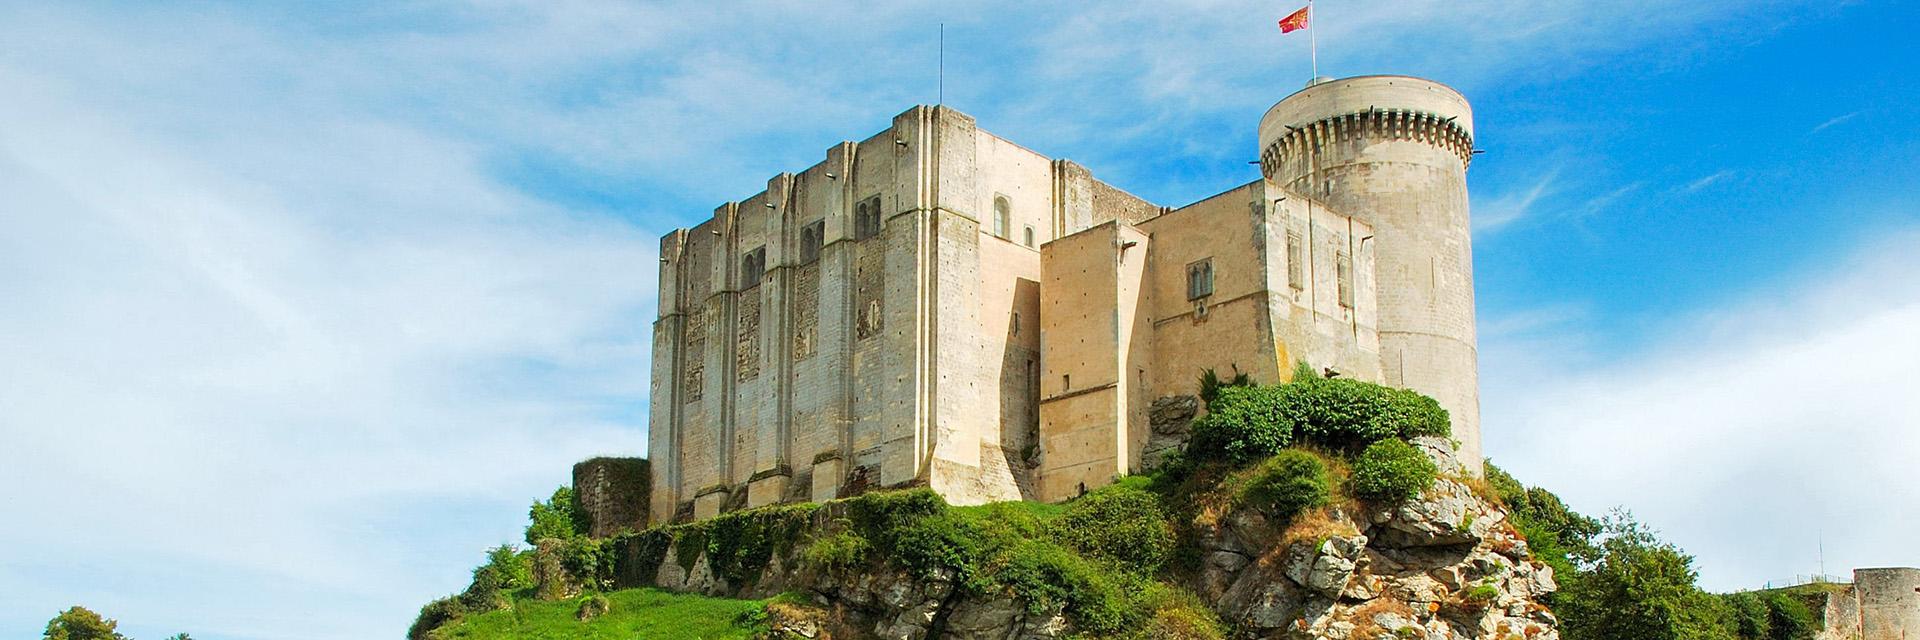 Le Château Guillaume-le-Conquérant